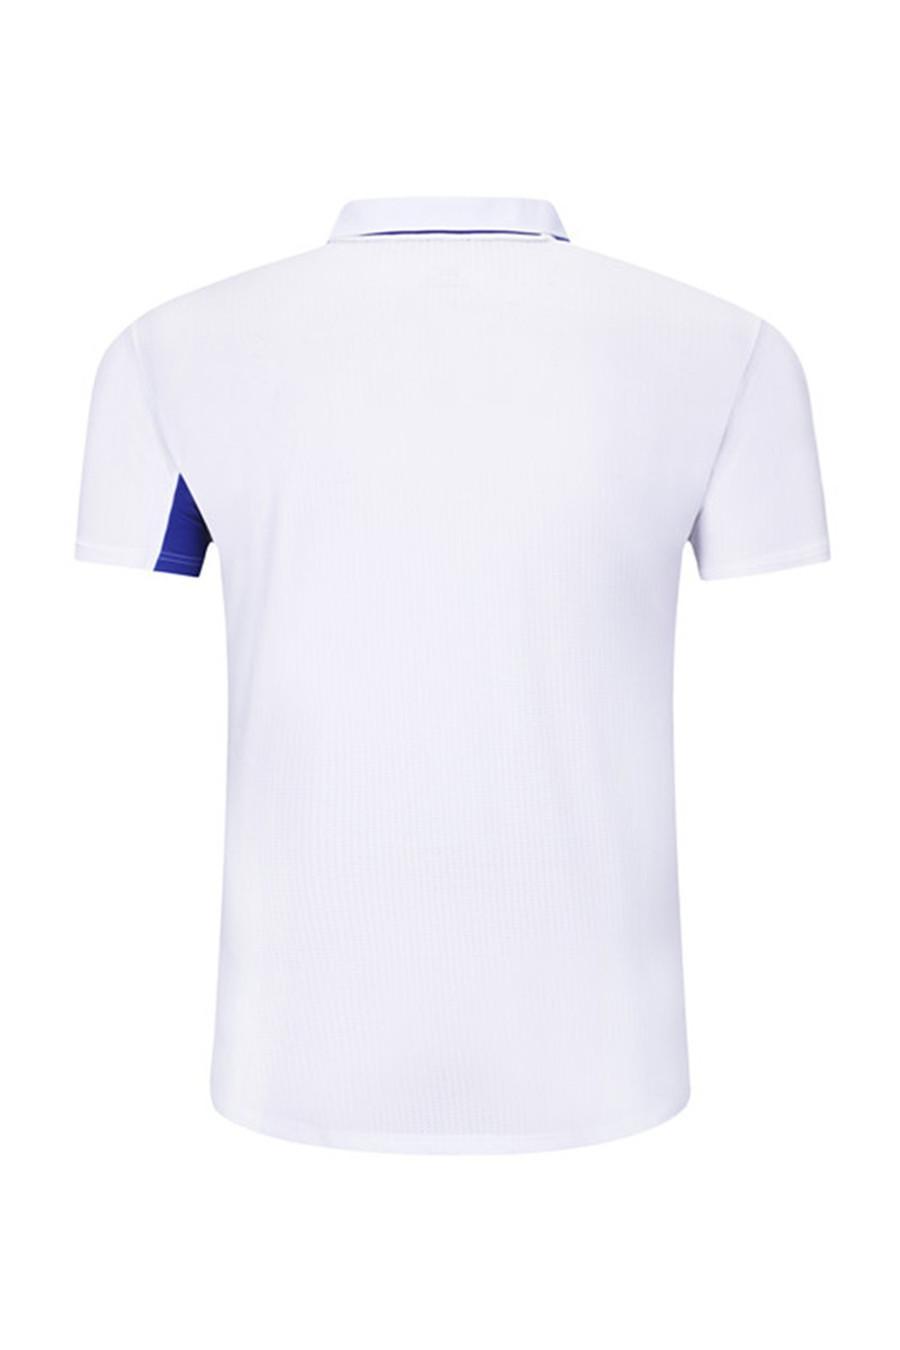 Lastest Homens Tênis Jerseys Venda Quente Vestuário Ao Ar Livre Tênis Tênis Desgaste de Alta Qualidade 1987984